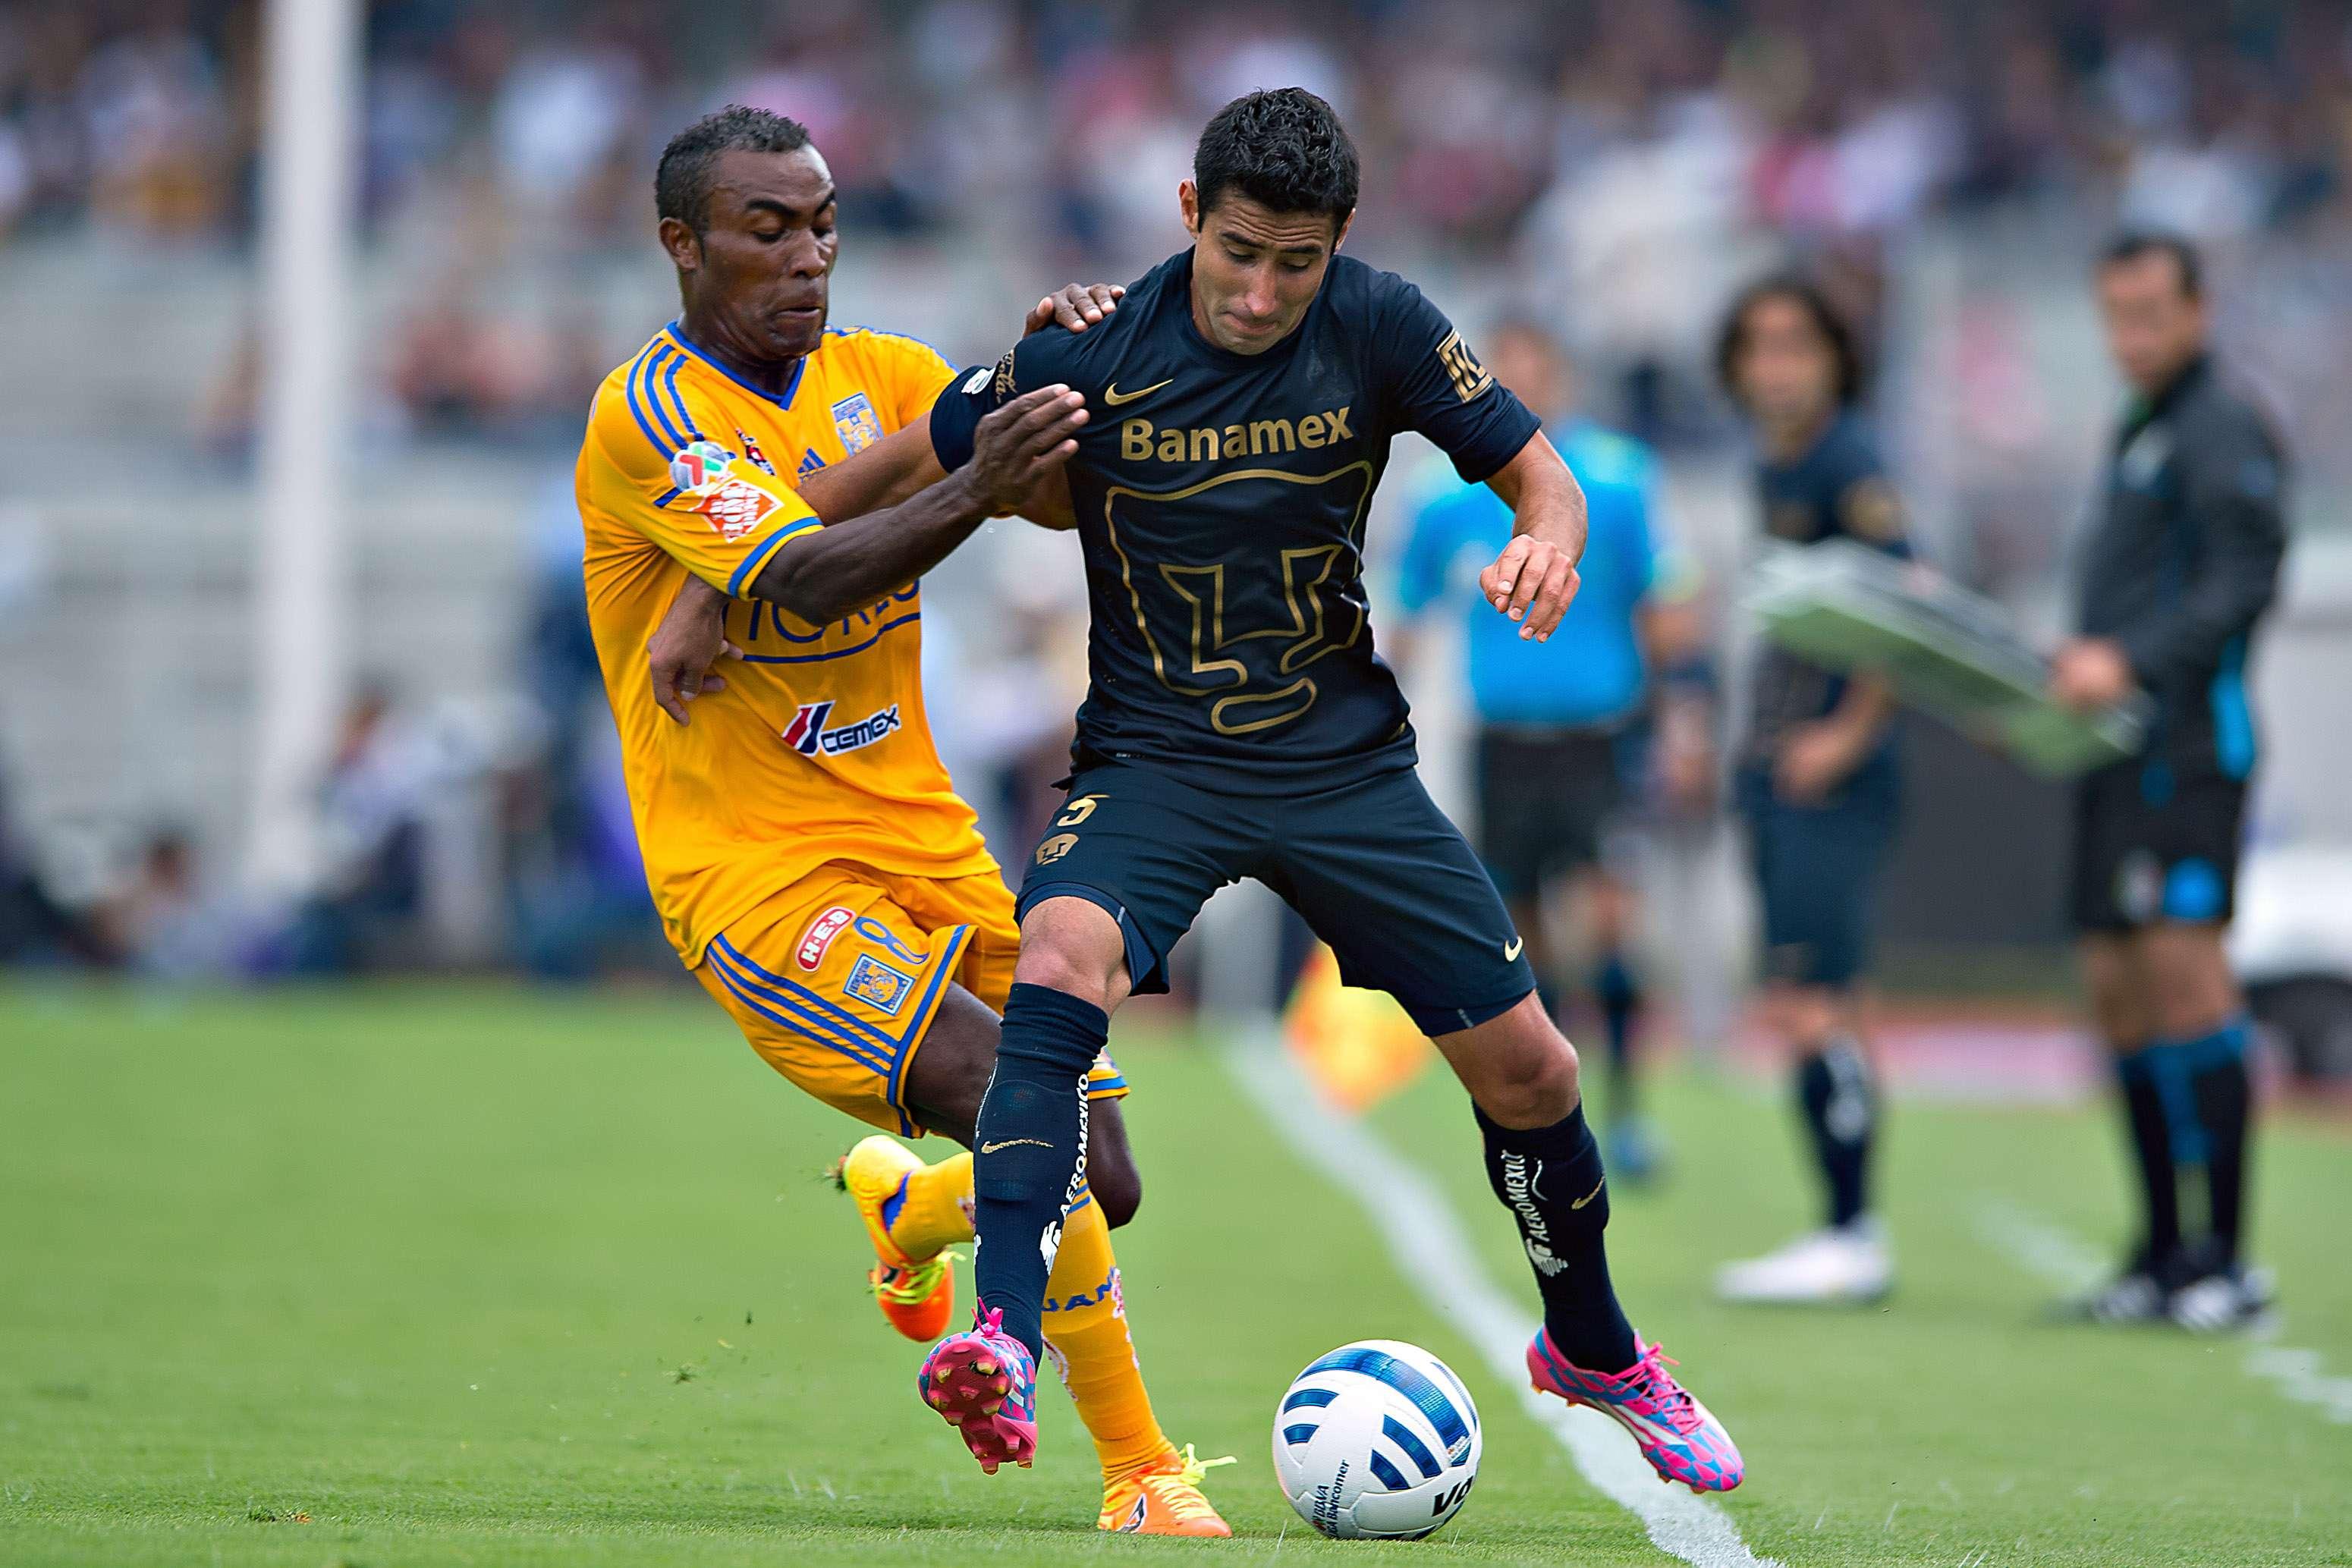 Cuatro goles se anotaron en el Pumas vs Tigres. Foto: Mexsport